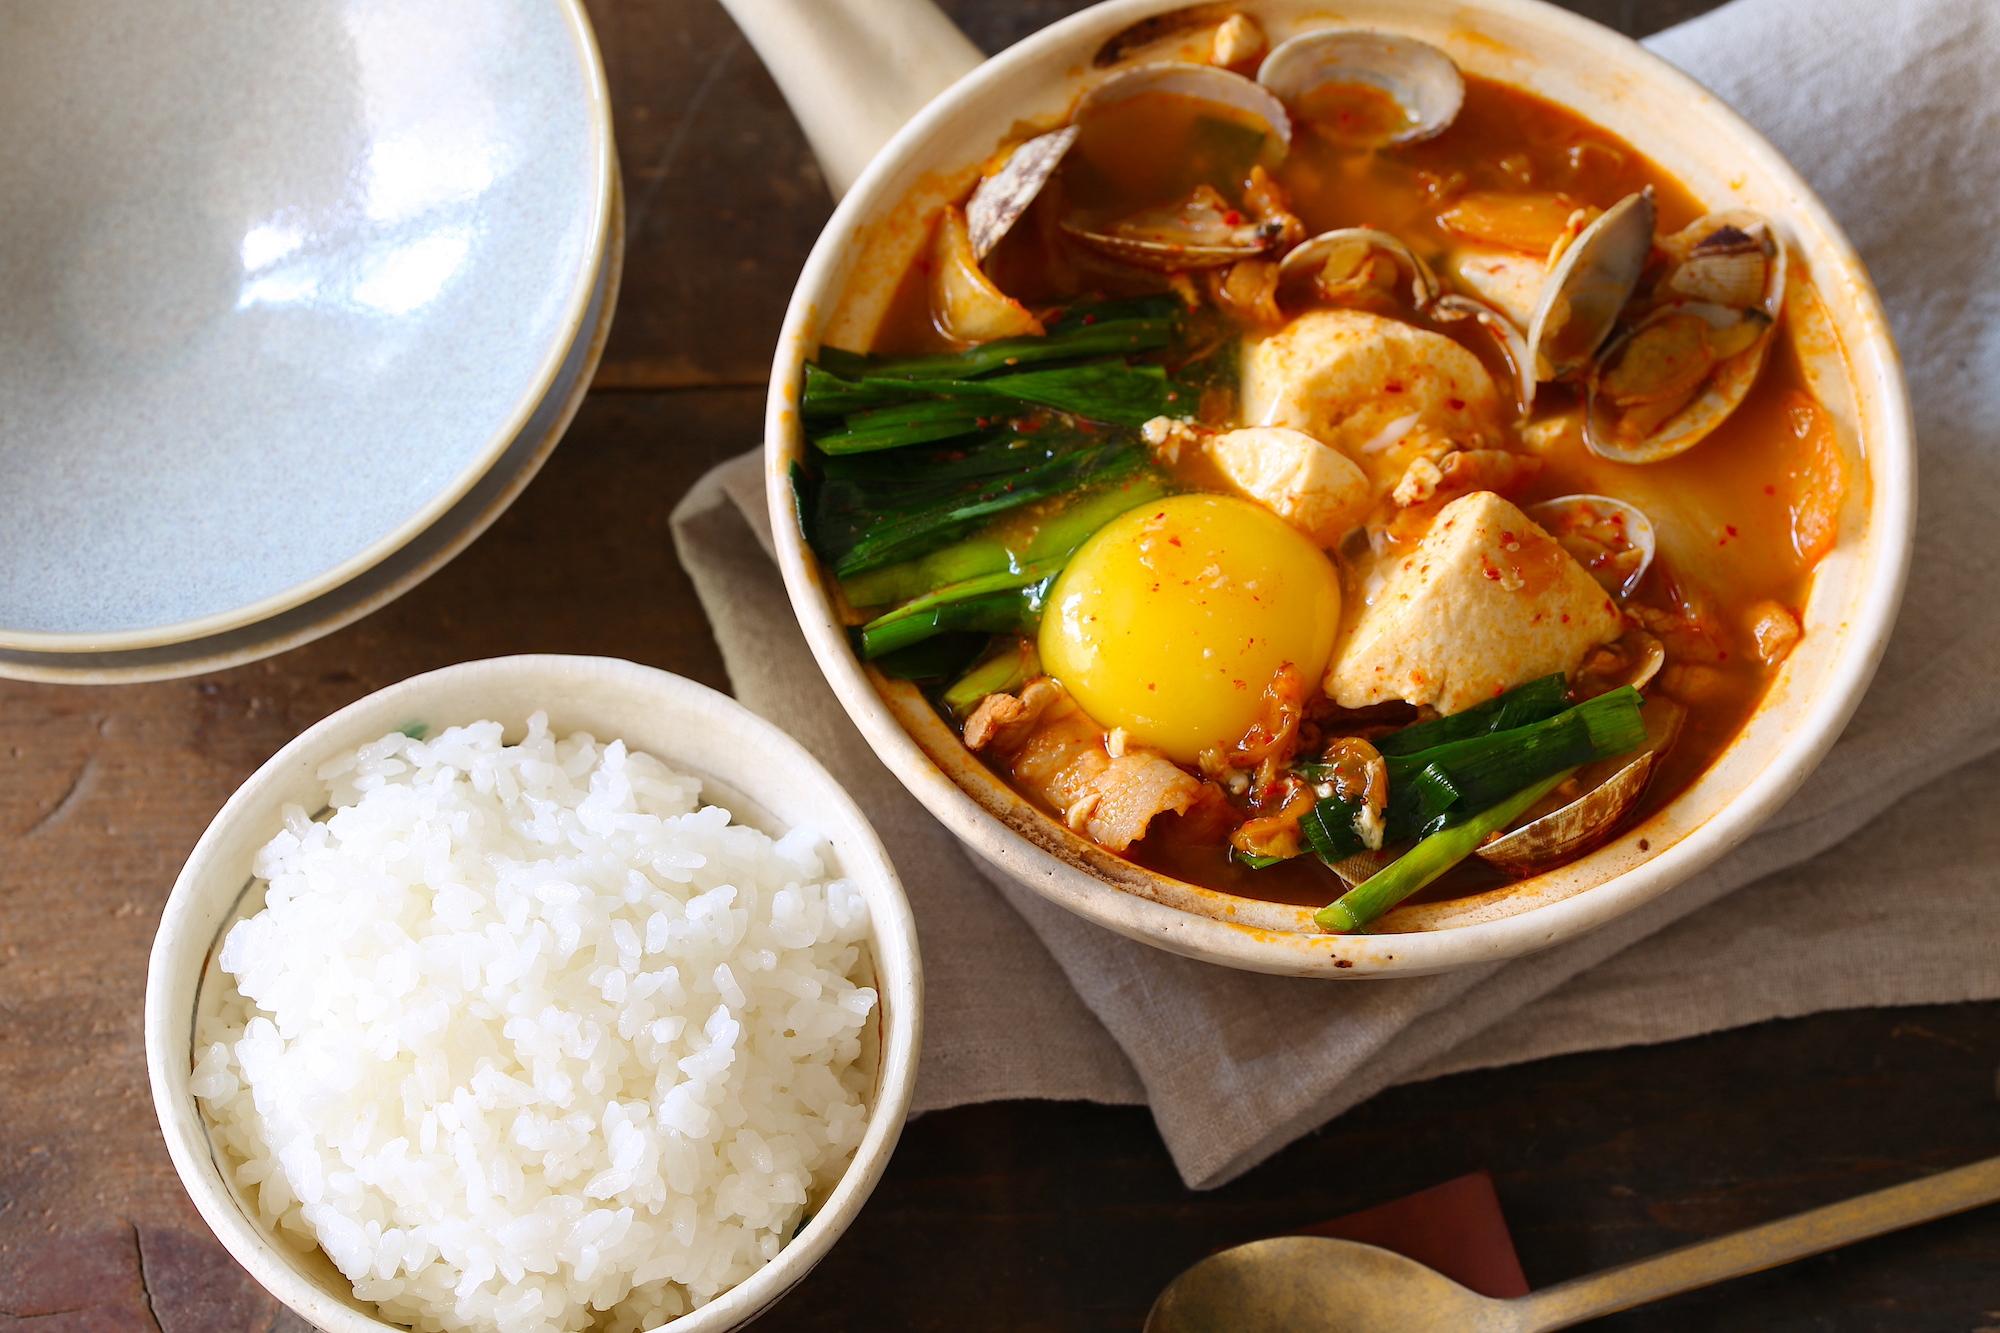 【料理研究家・河瀬璃菜監修】白ごはんに合う春のレシピ!「豚バラとあさりの簡単純豆腐(スンドゥブ)」